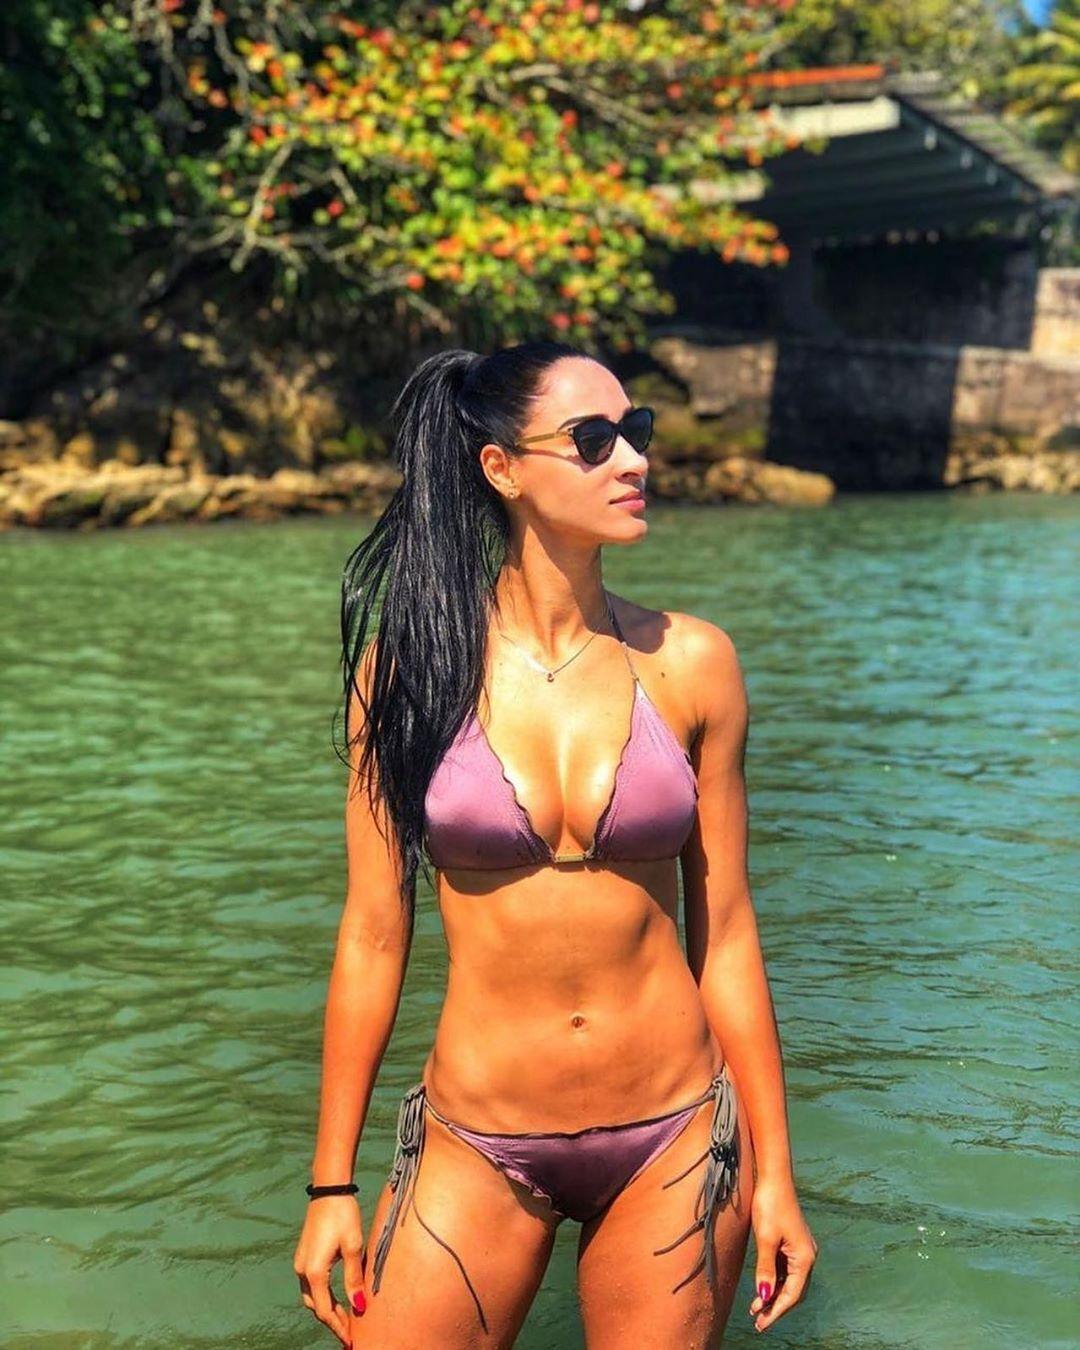 Жаклин Карвалью позирует в фиолетовом купальнике